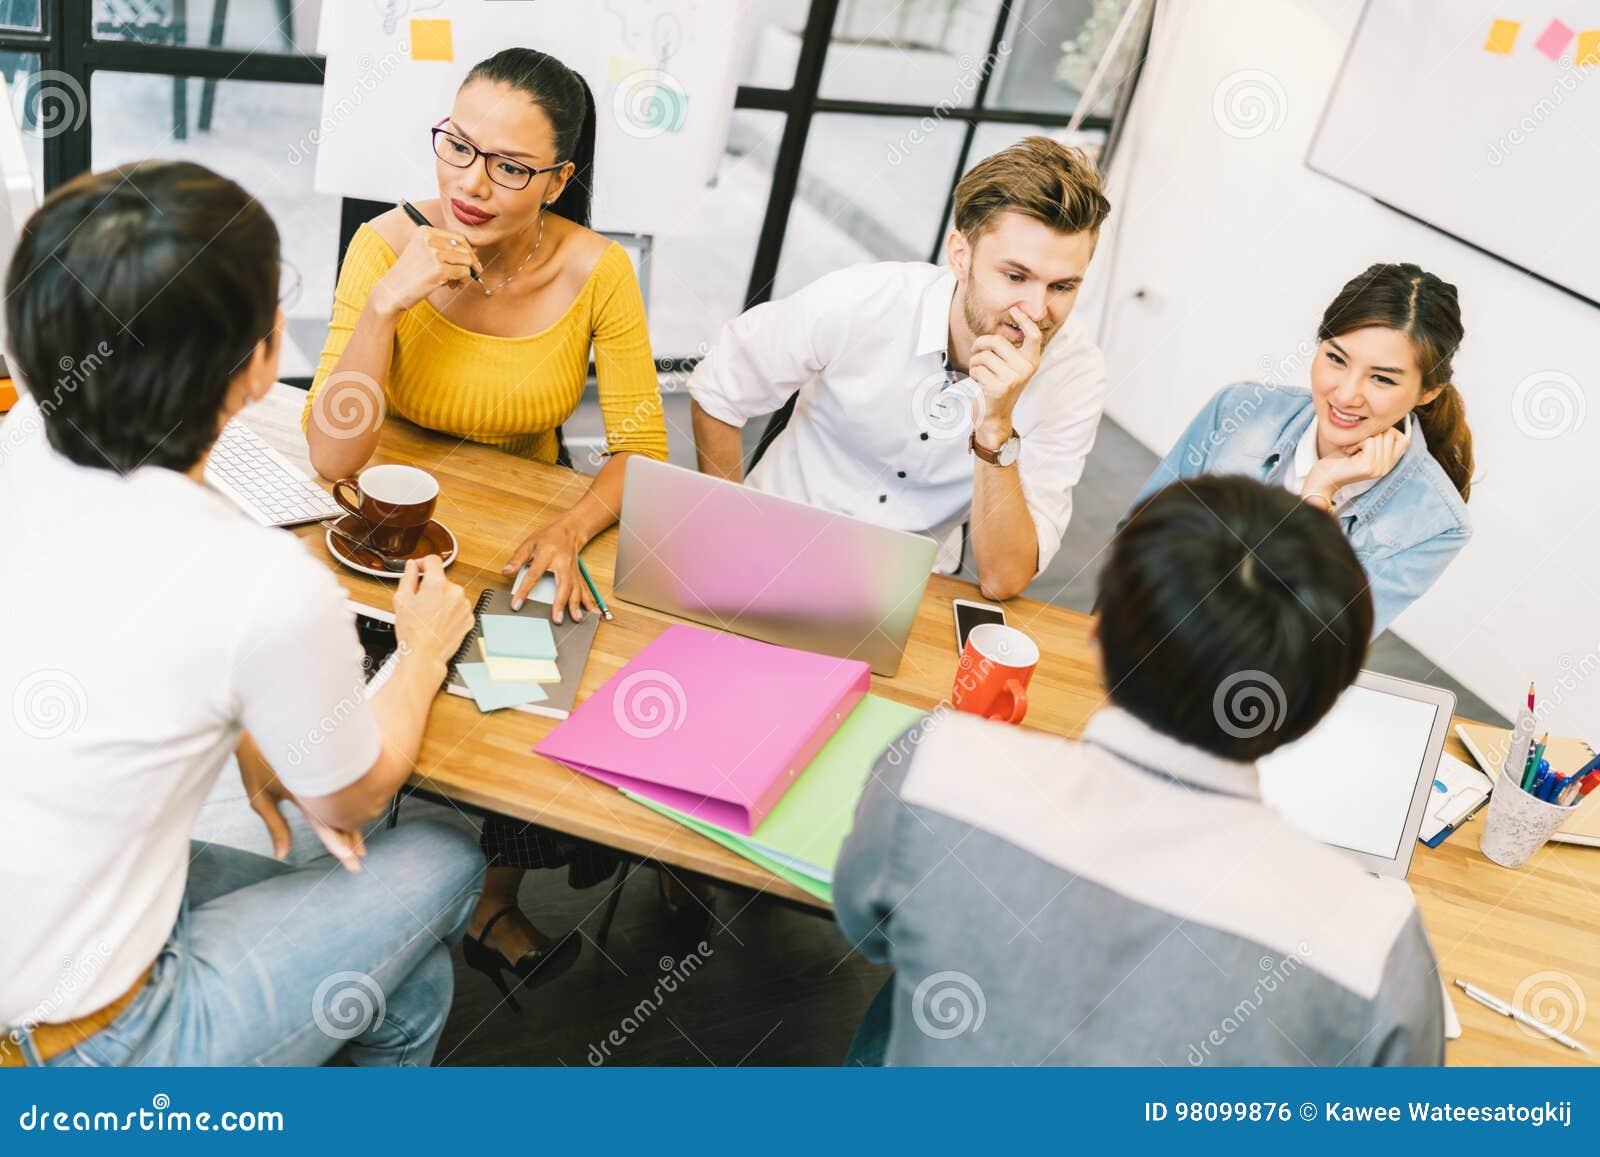 Groupe de personnes divers multi-ethnique au travail Équipe créative, collègue occasionnel d affaires, ou étudiants universitaire